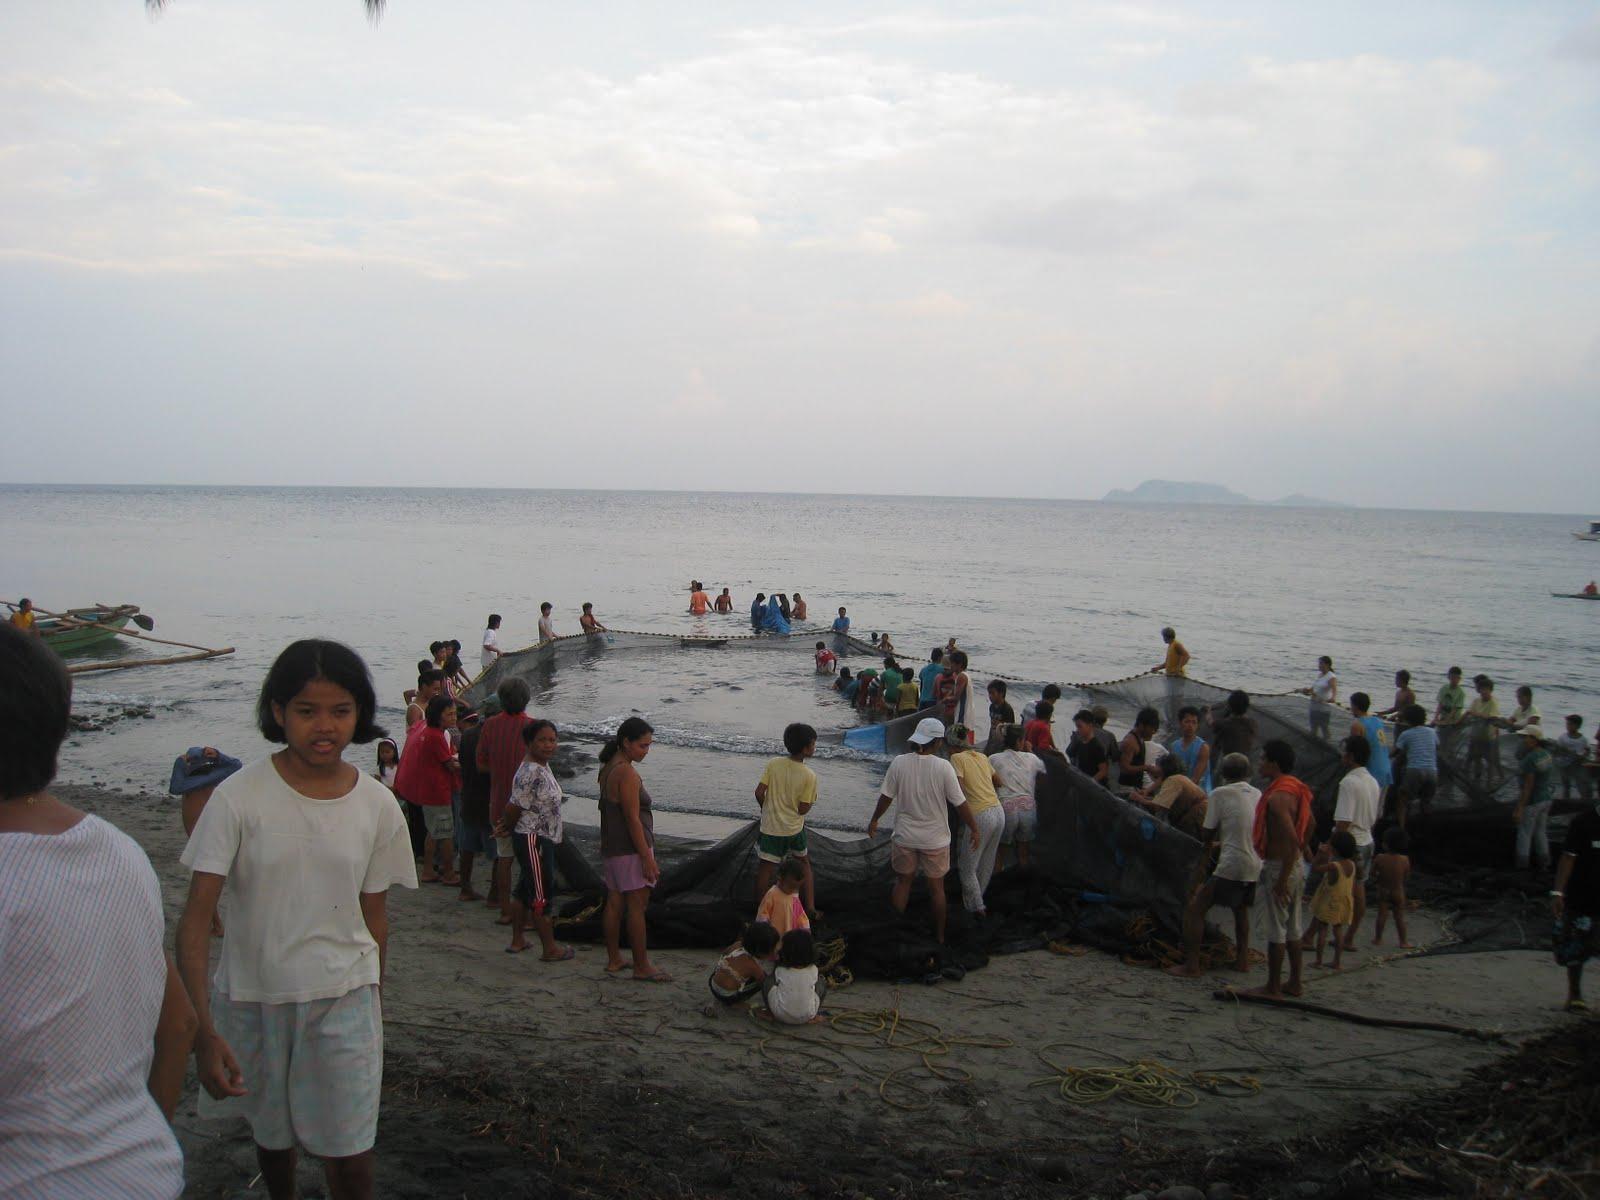 Chattrum filippinerna på nätet